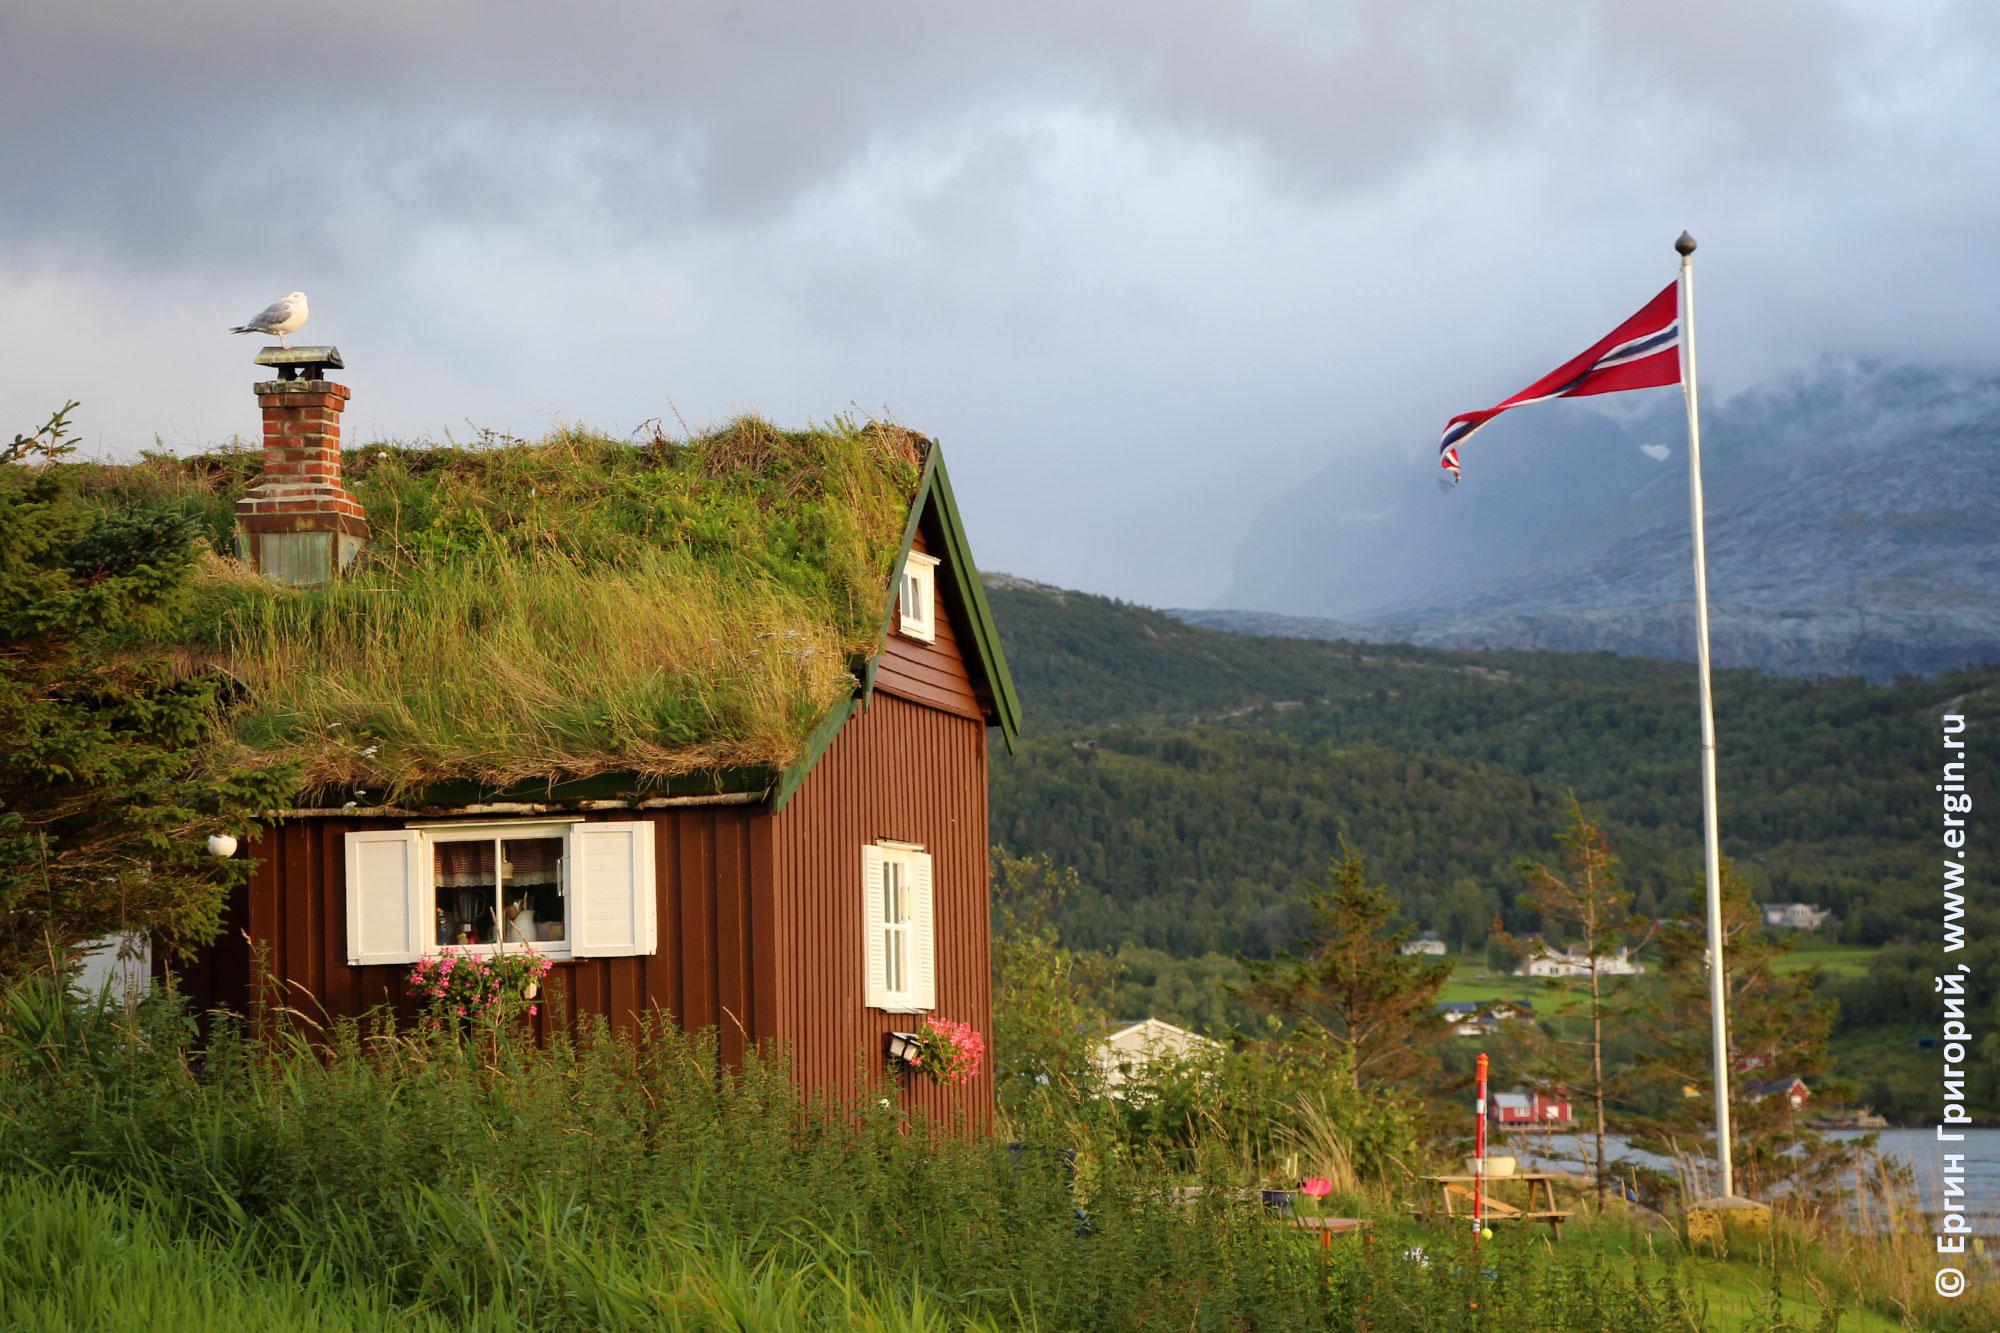 Норвегия типичный пейзаж заросшая травой крыша и флаг на флагштоке